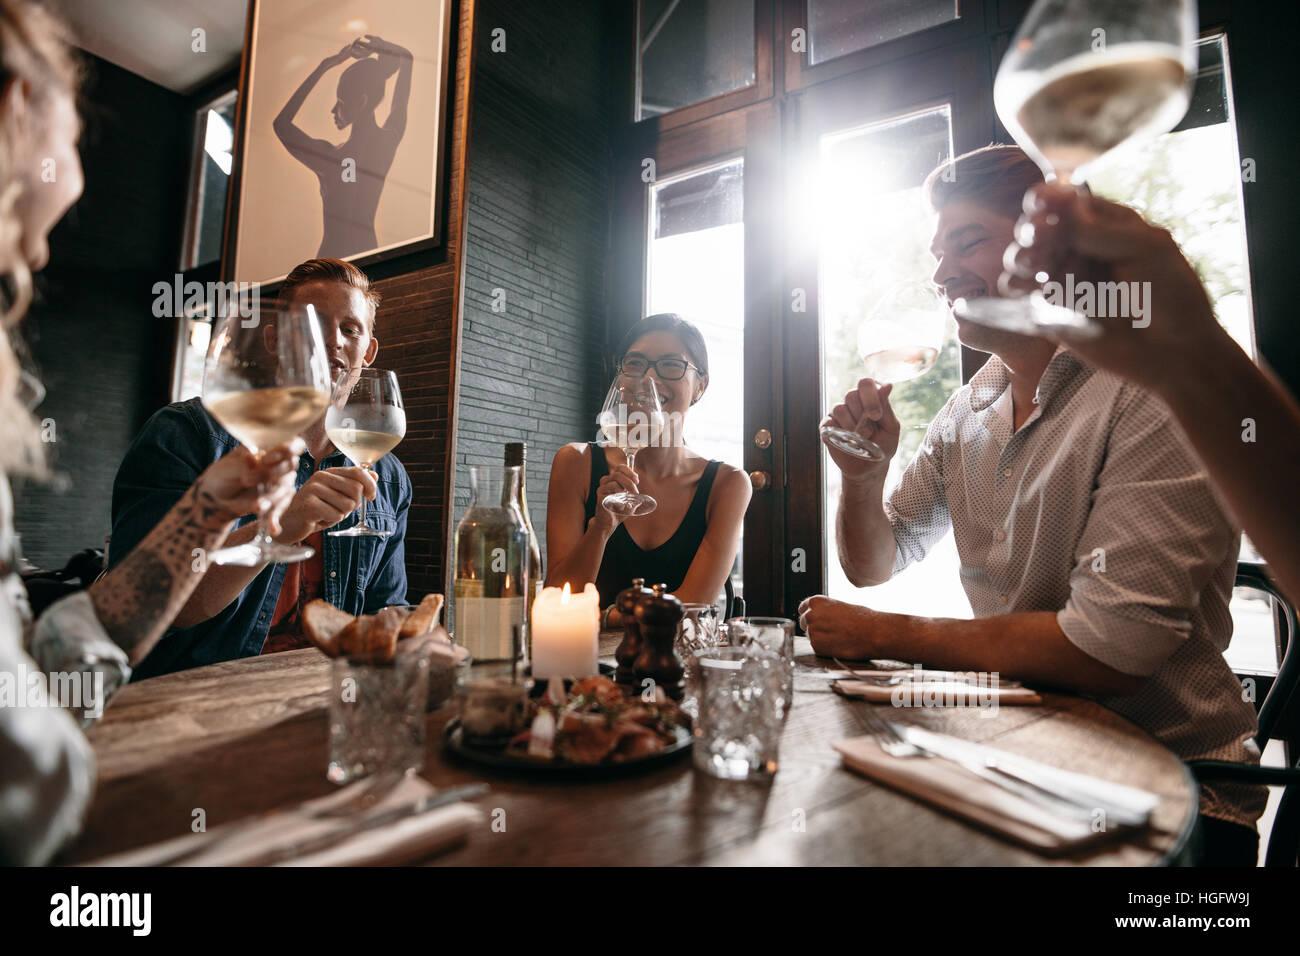 Groupe varié de jeunes ayant du vin au restaurant. Hommes et de femmes réunis dans un restaurant pour Photo Stock